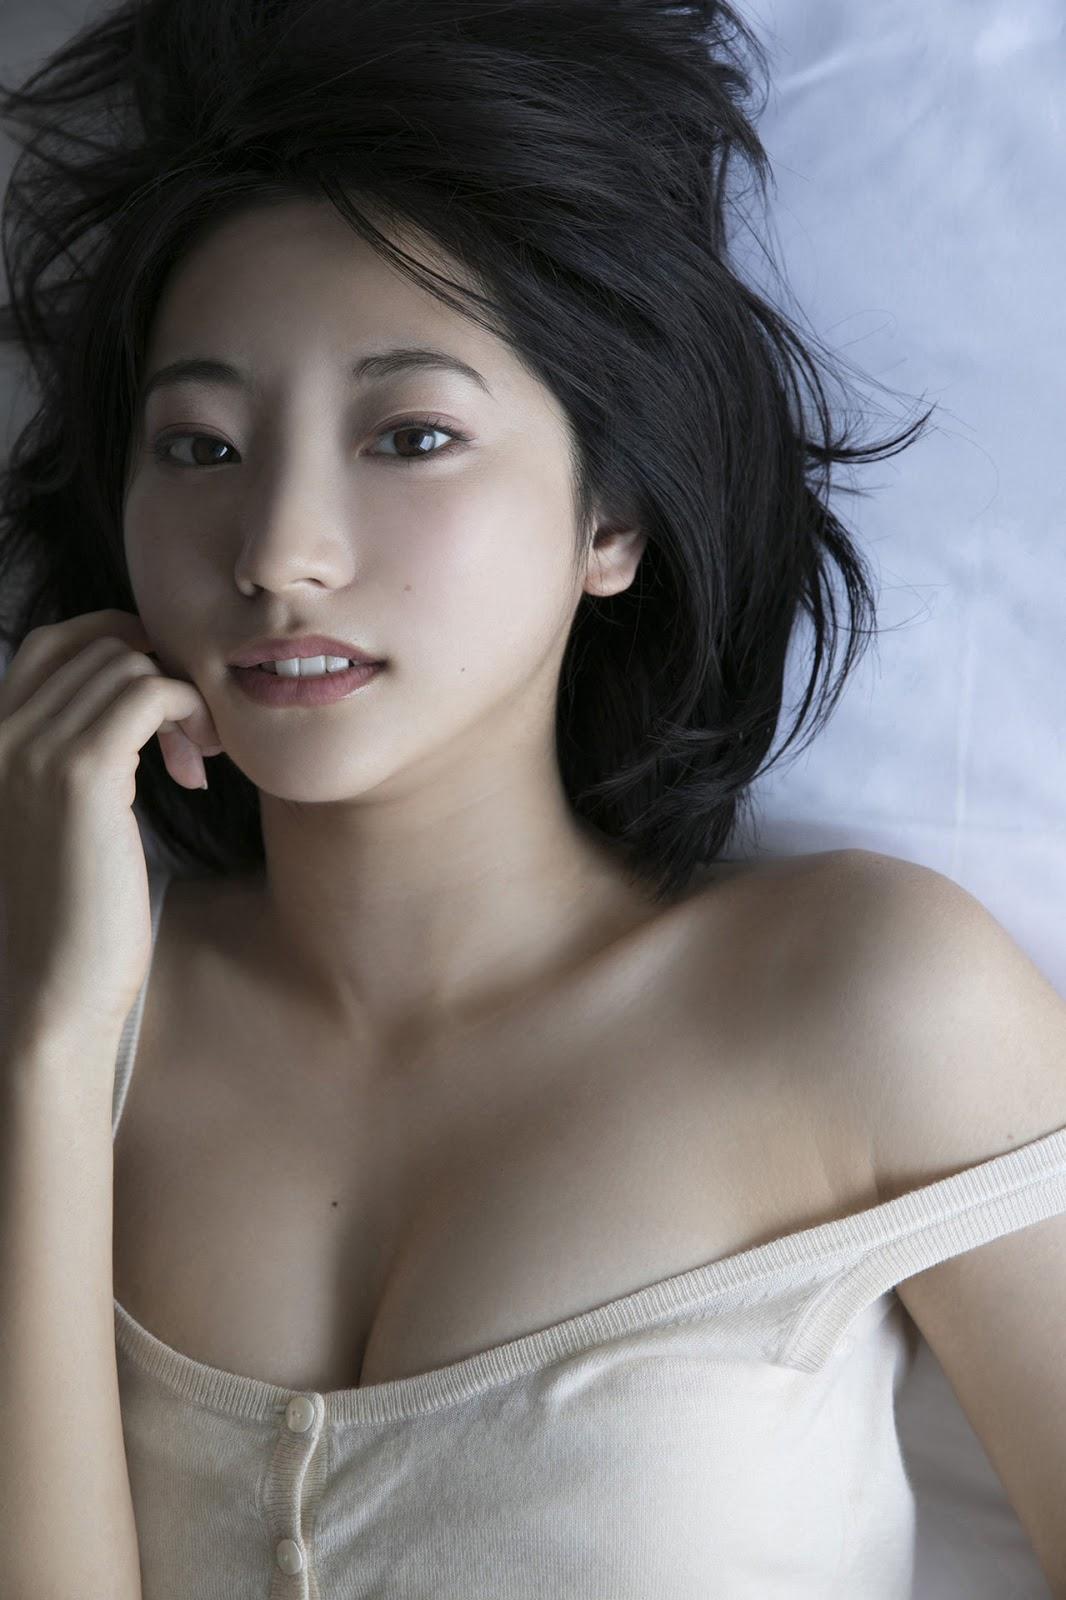 Etc Rena Takeda